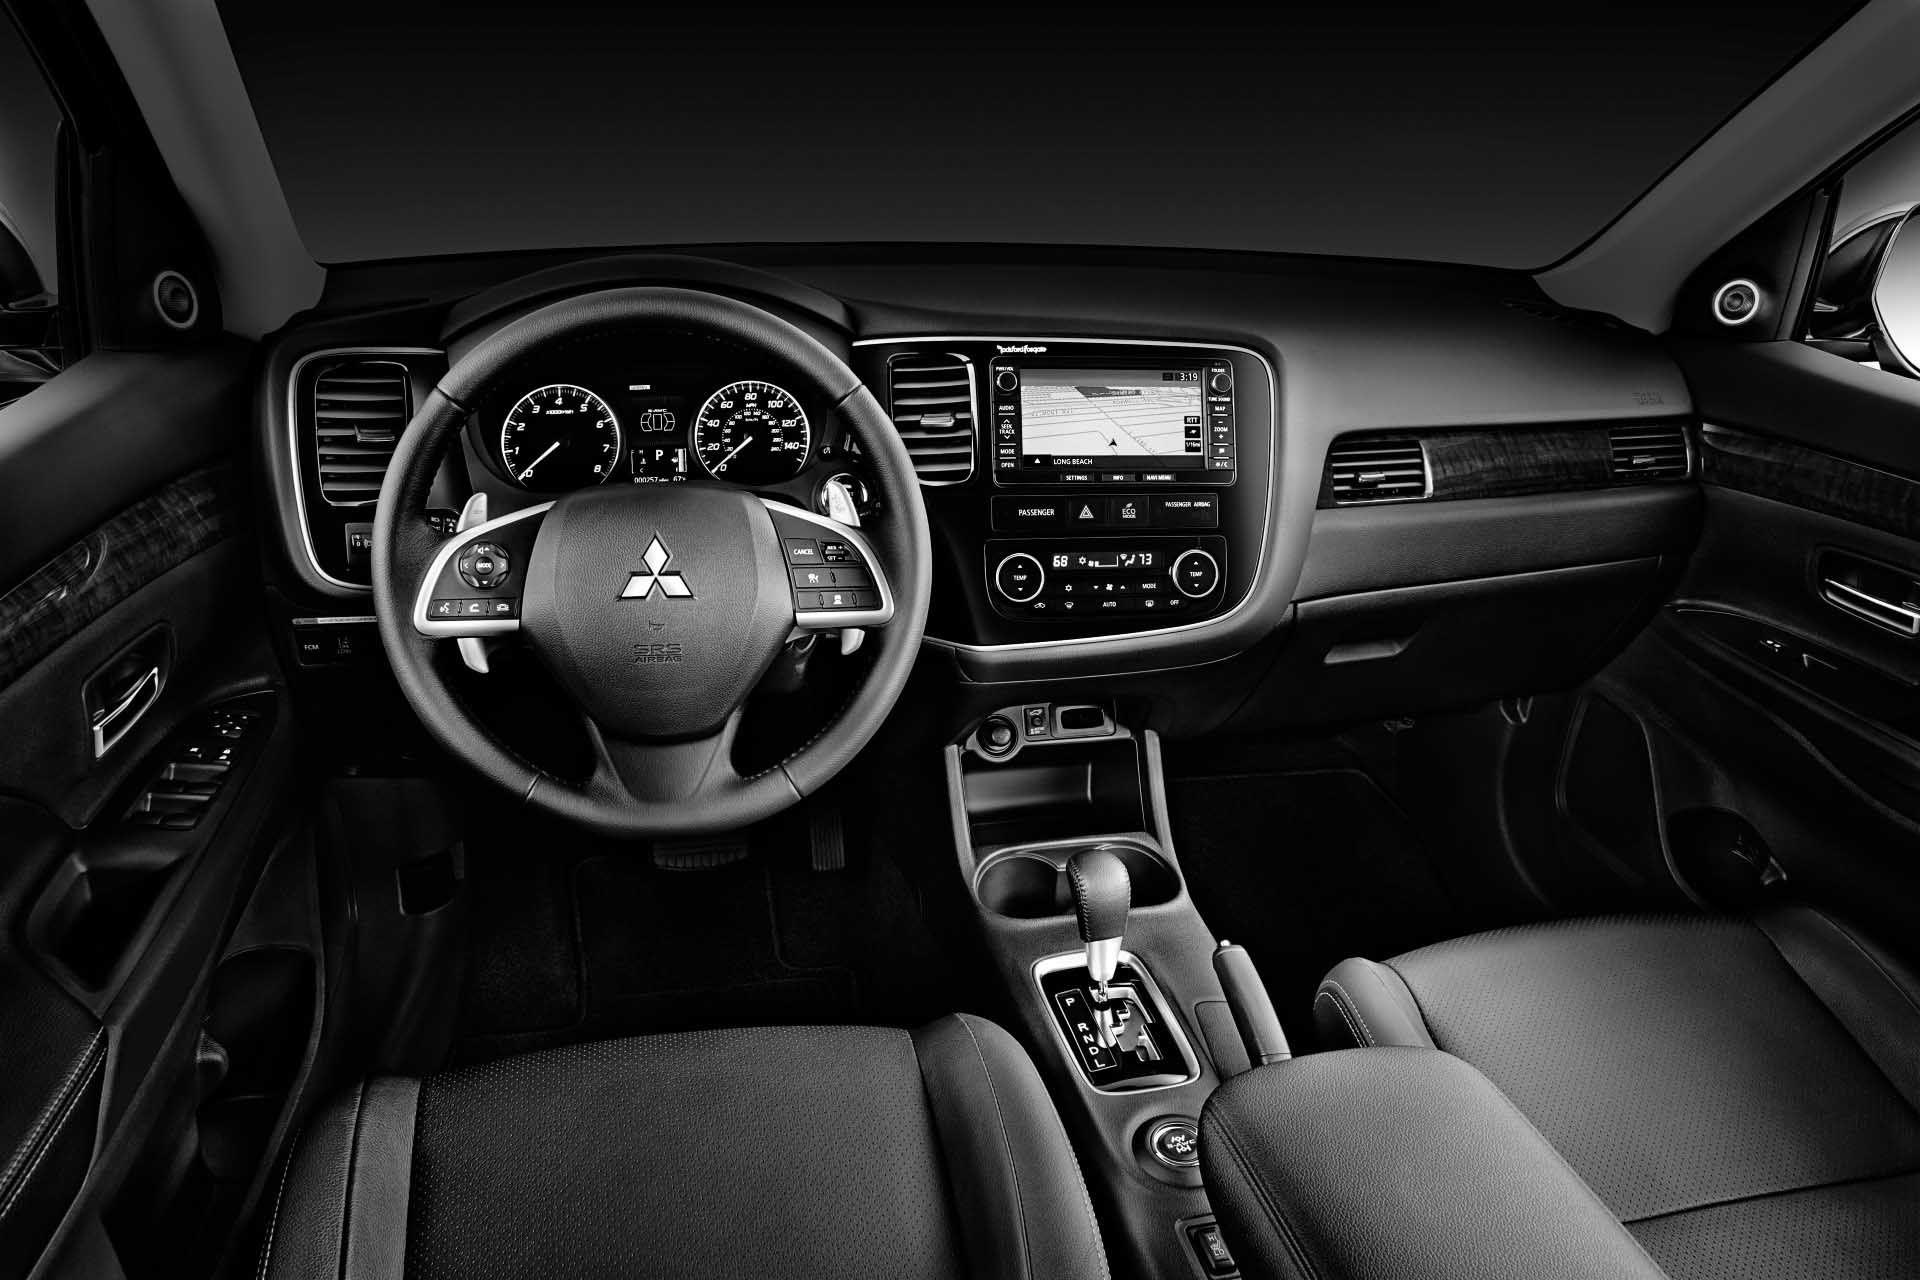 10+ impressive 2015 Mitsubishi Outlander Interior pictures